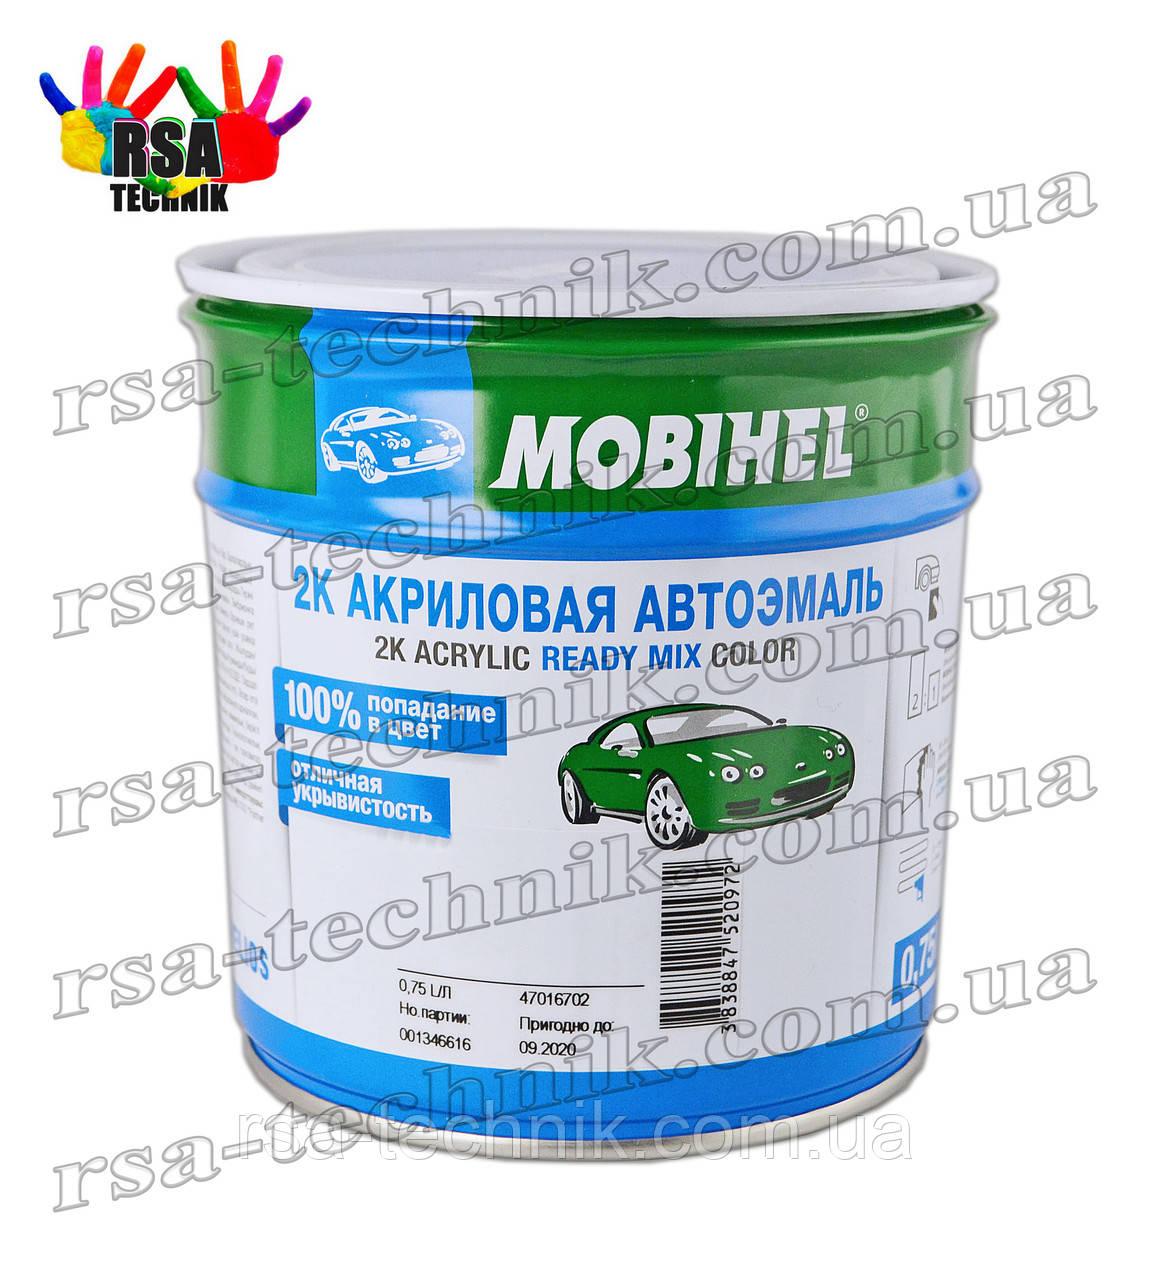 Акриловая эмаль mobihel 0,75л Сафари